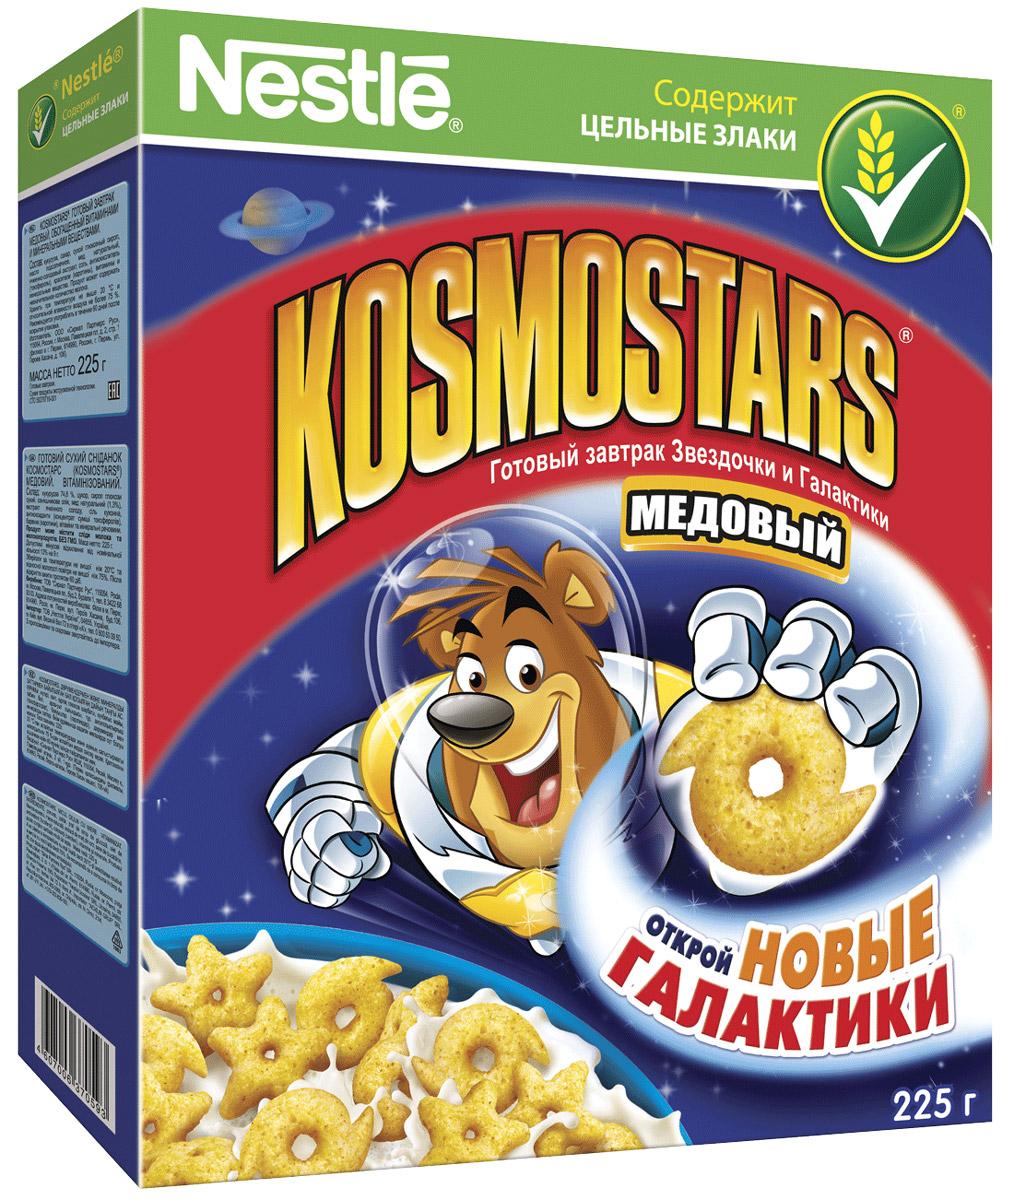 Nestle Kosmostars Звездочки и галактики готовый завтрак, 225 г